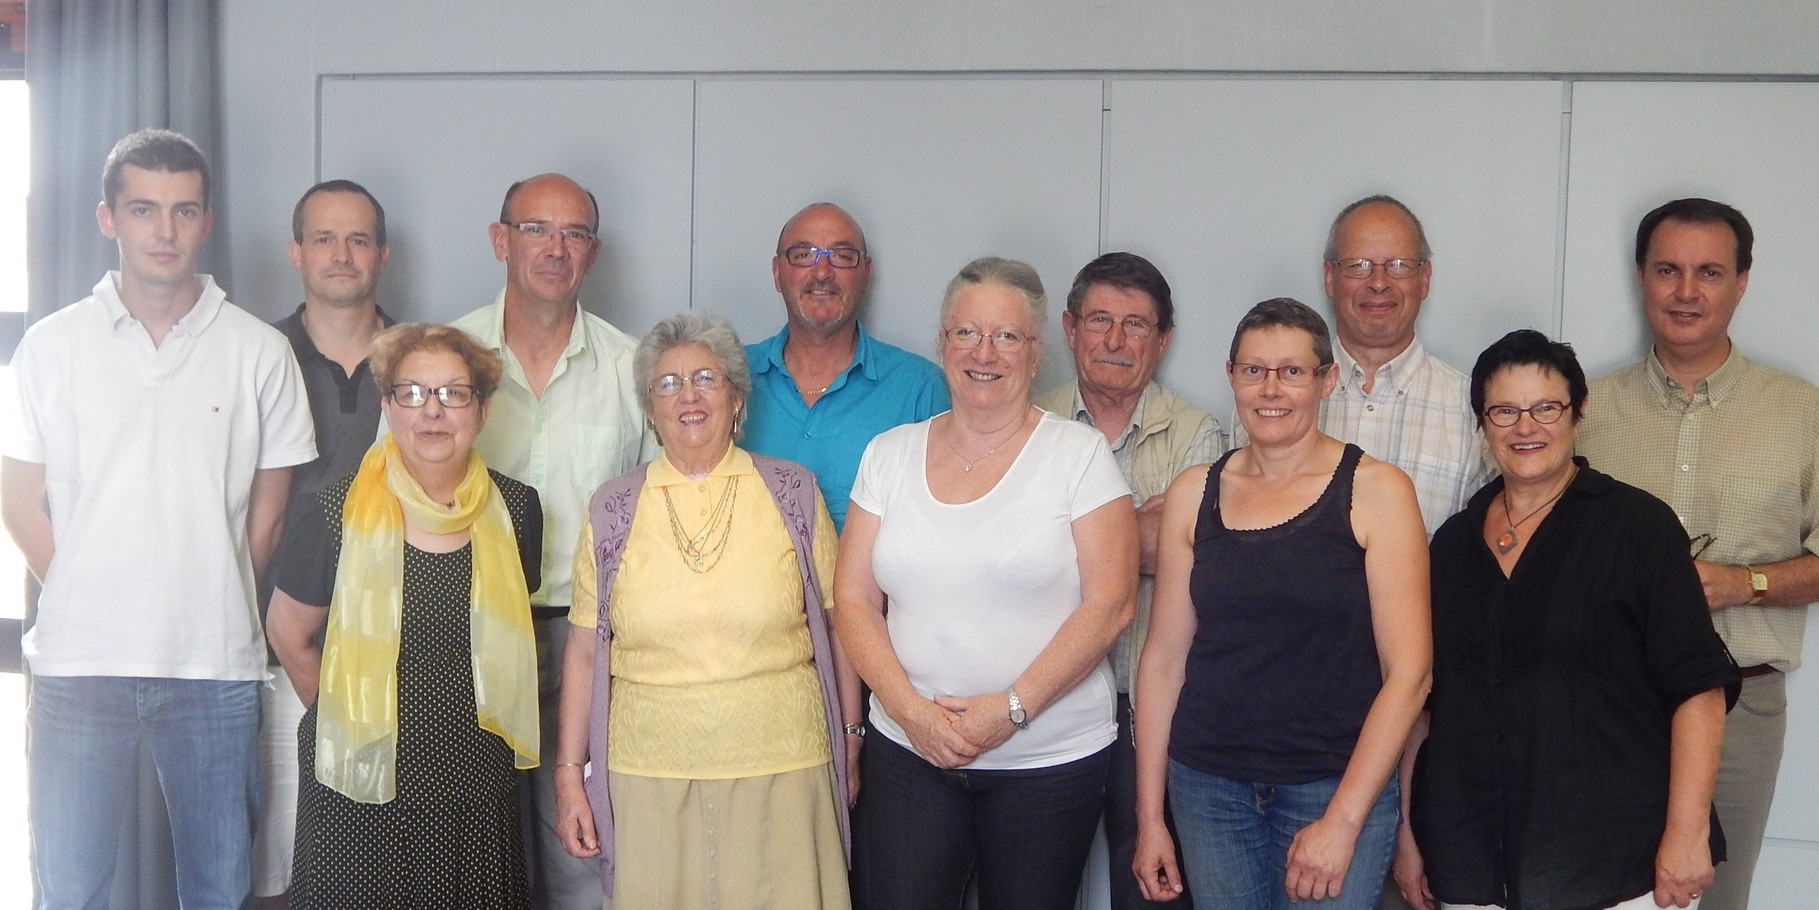 28 juin 2014 - M. le Maire Jean-Paul Vallon et l'OMS de Lamastre accueillent le CA du CDOTS